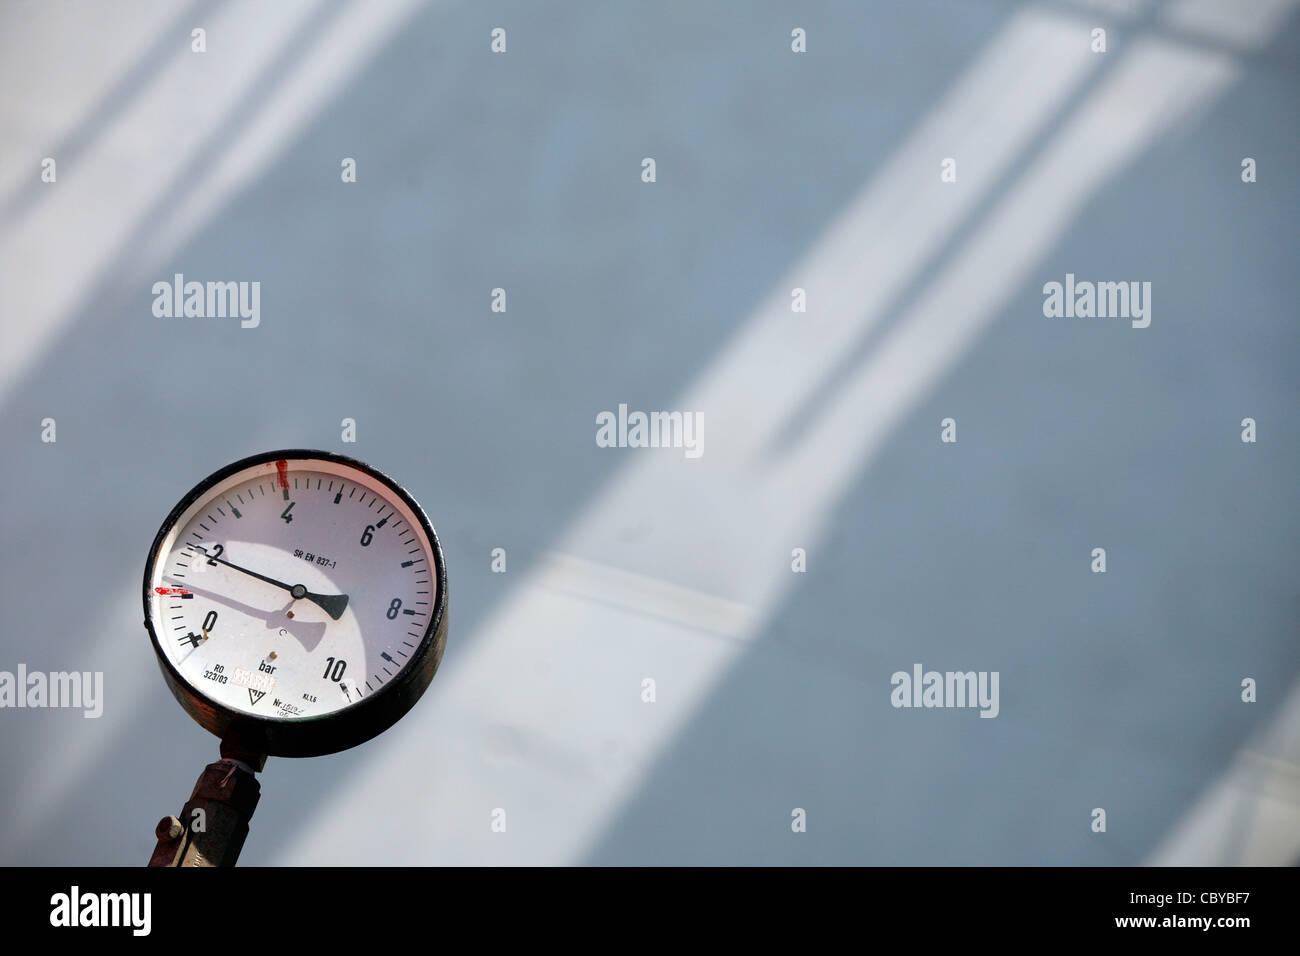 Manometro di pressione contro lo sfondo di sole Immagini Stock